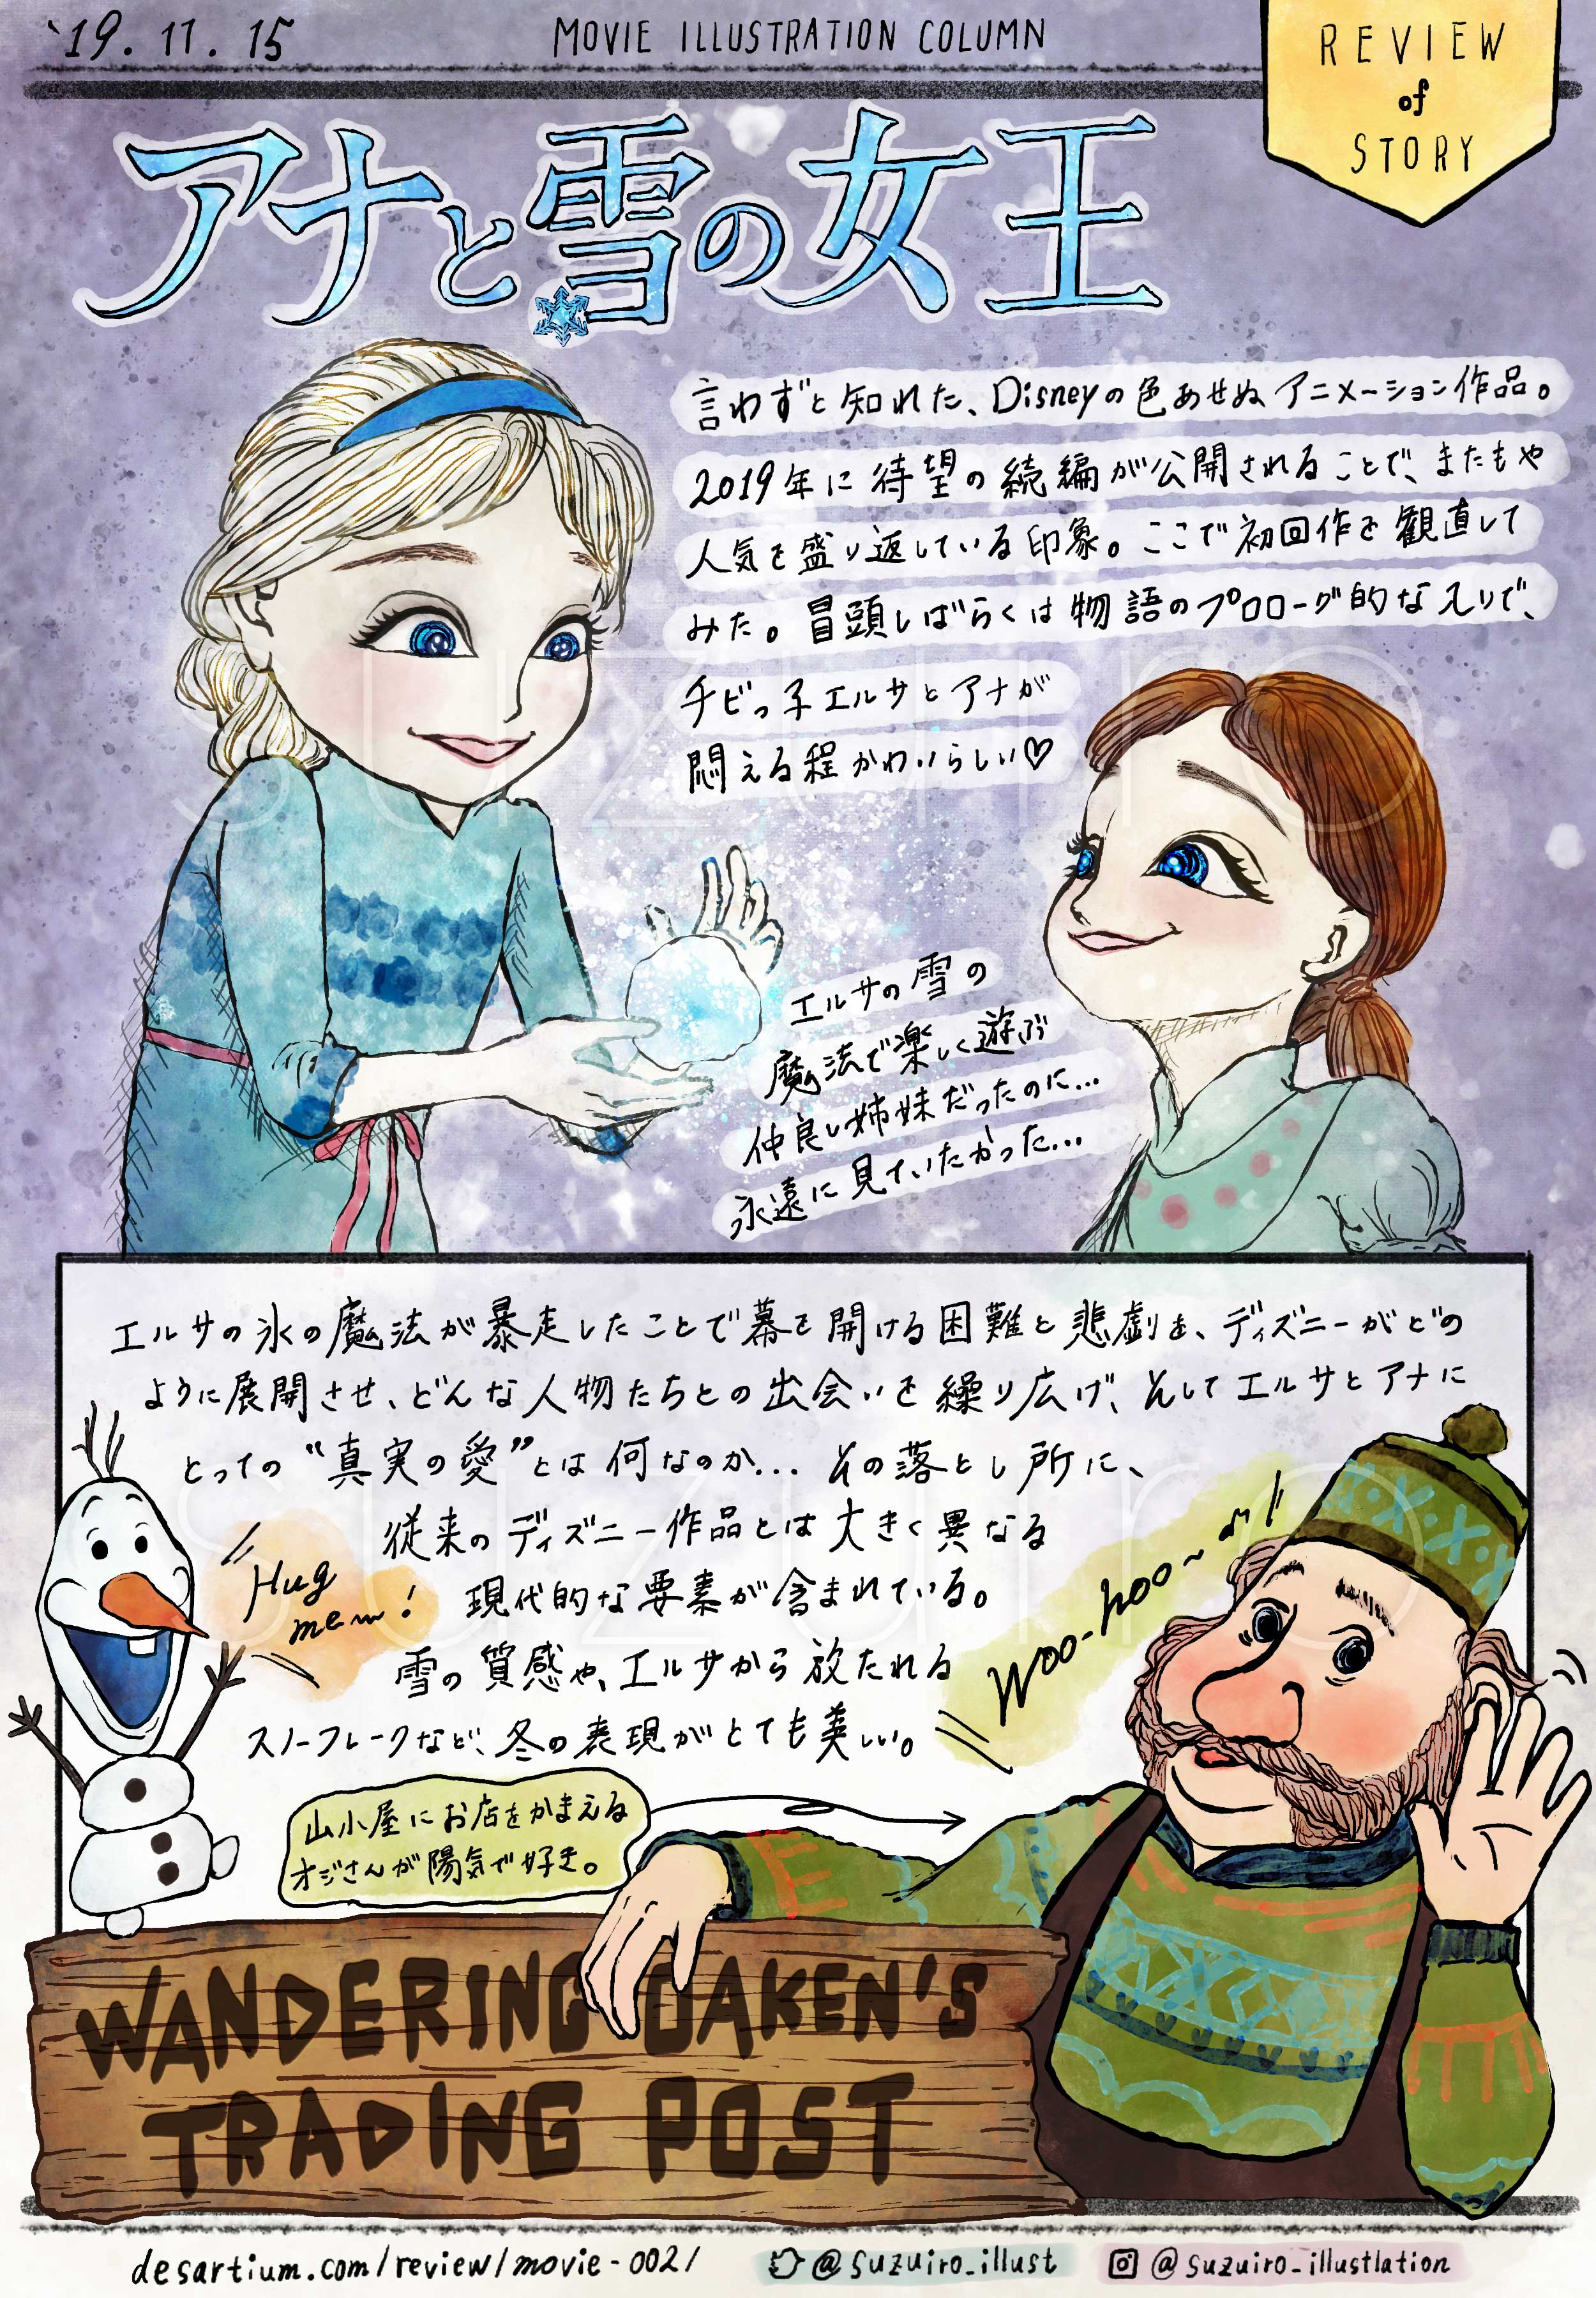 『アナと雪の女王』 ~ふたりのヒロイン、<真実の愛>の話 ~ header eyecatch ヘッダー アイキャッチ